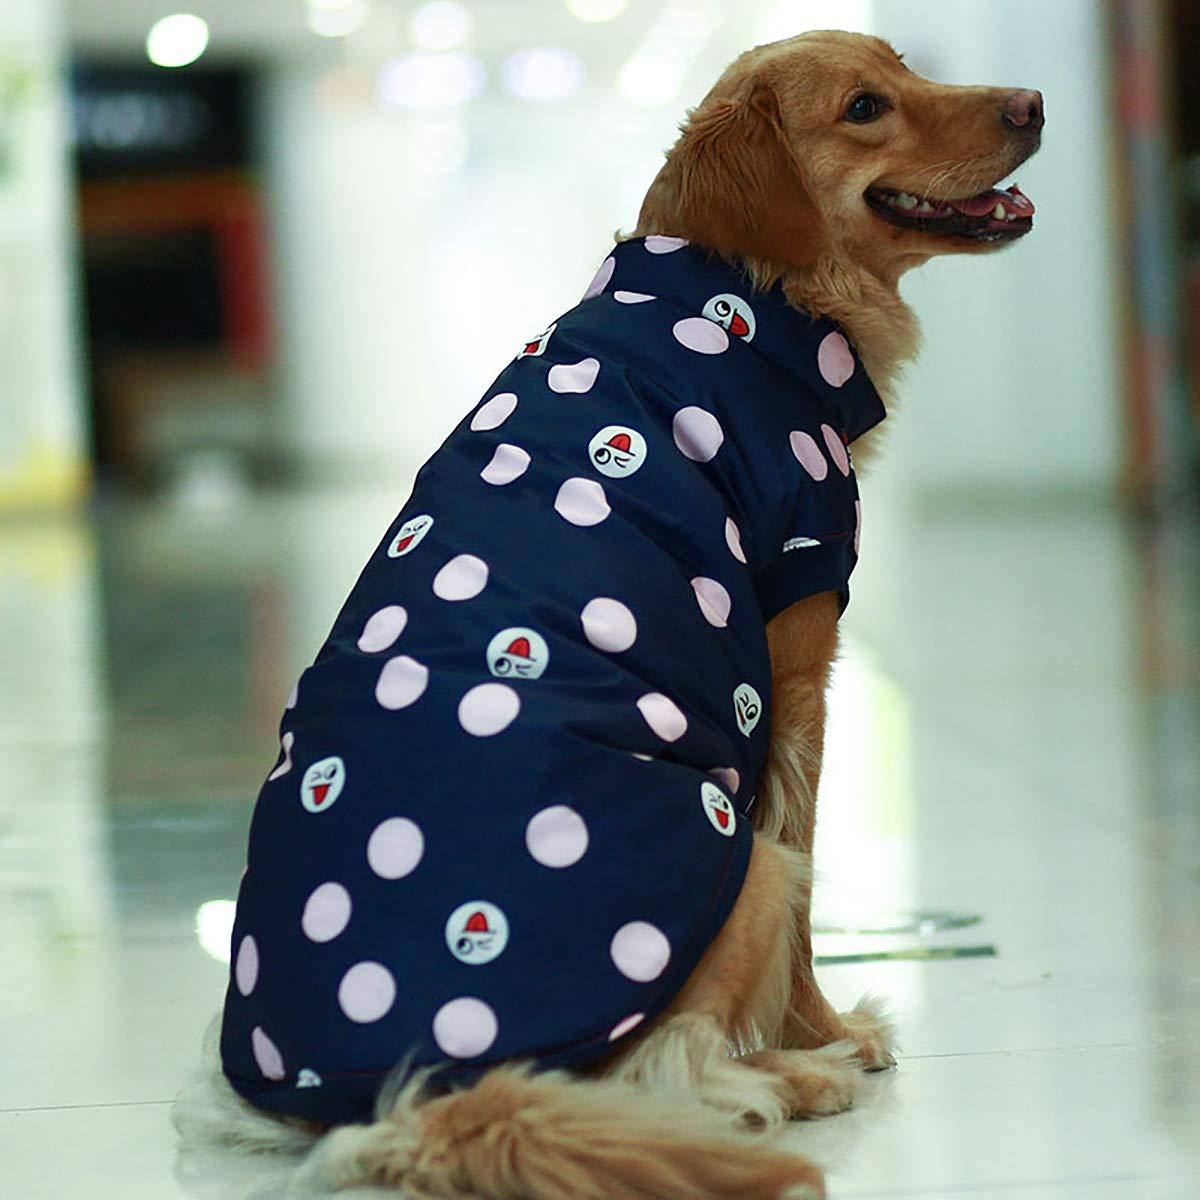 bluee Small bluee Small Dog Clothes Winter Clothes, Teddy golden Hair Puppies, Labrador alas Big Dog Vest, Big Dog Two feet Clothes S, M, L,bluee,S